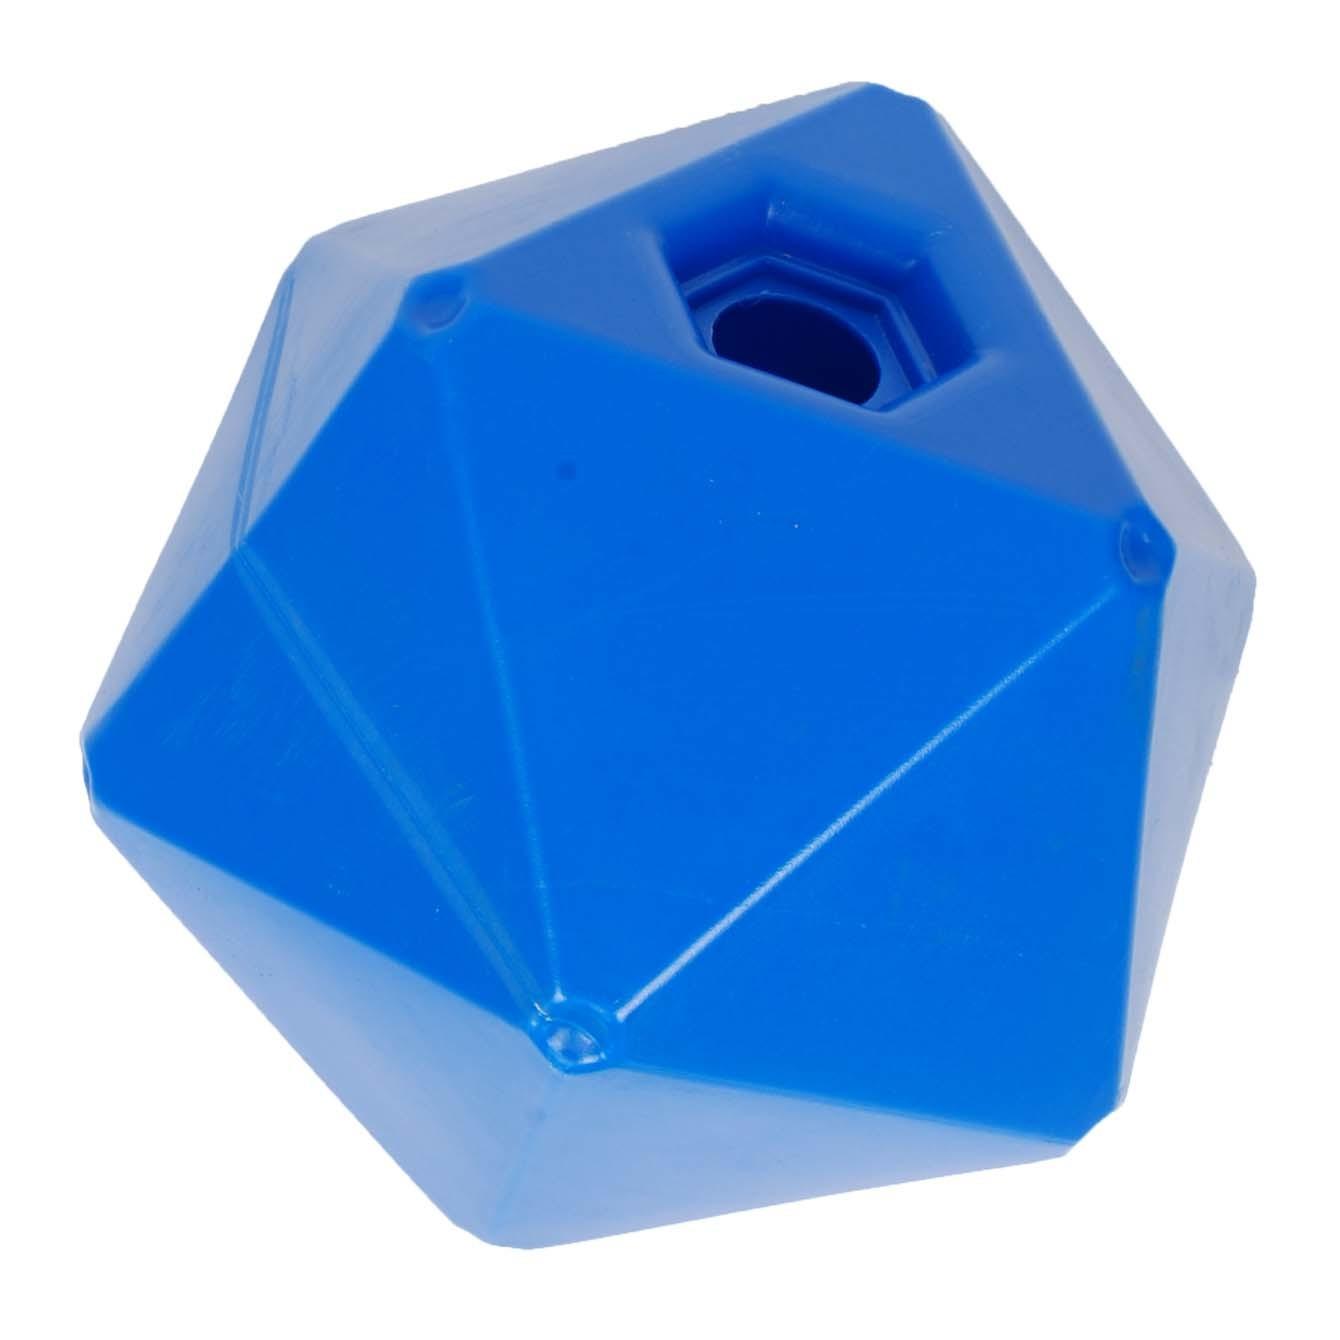 Pagony Voer en Speelbal blauw maat:one size